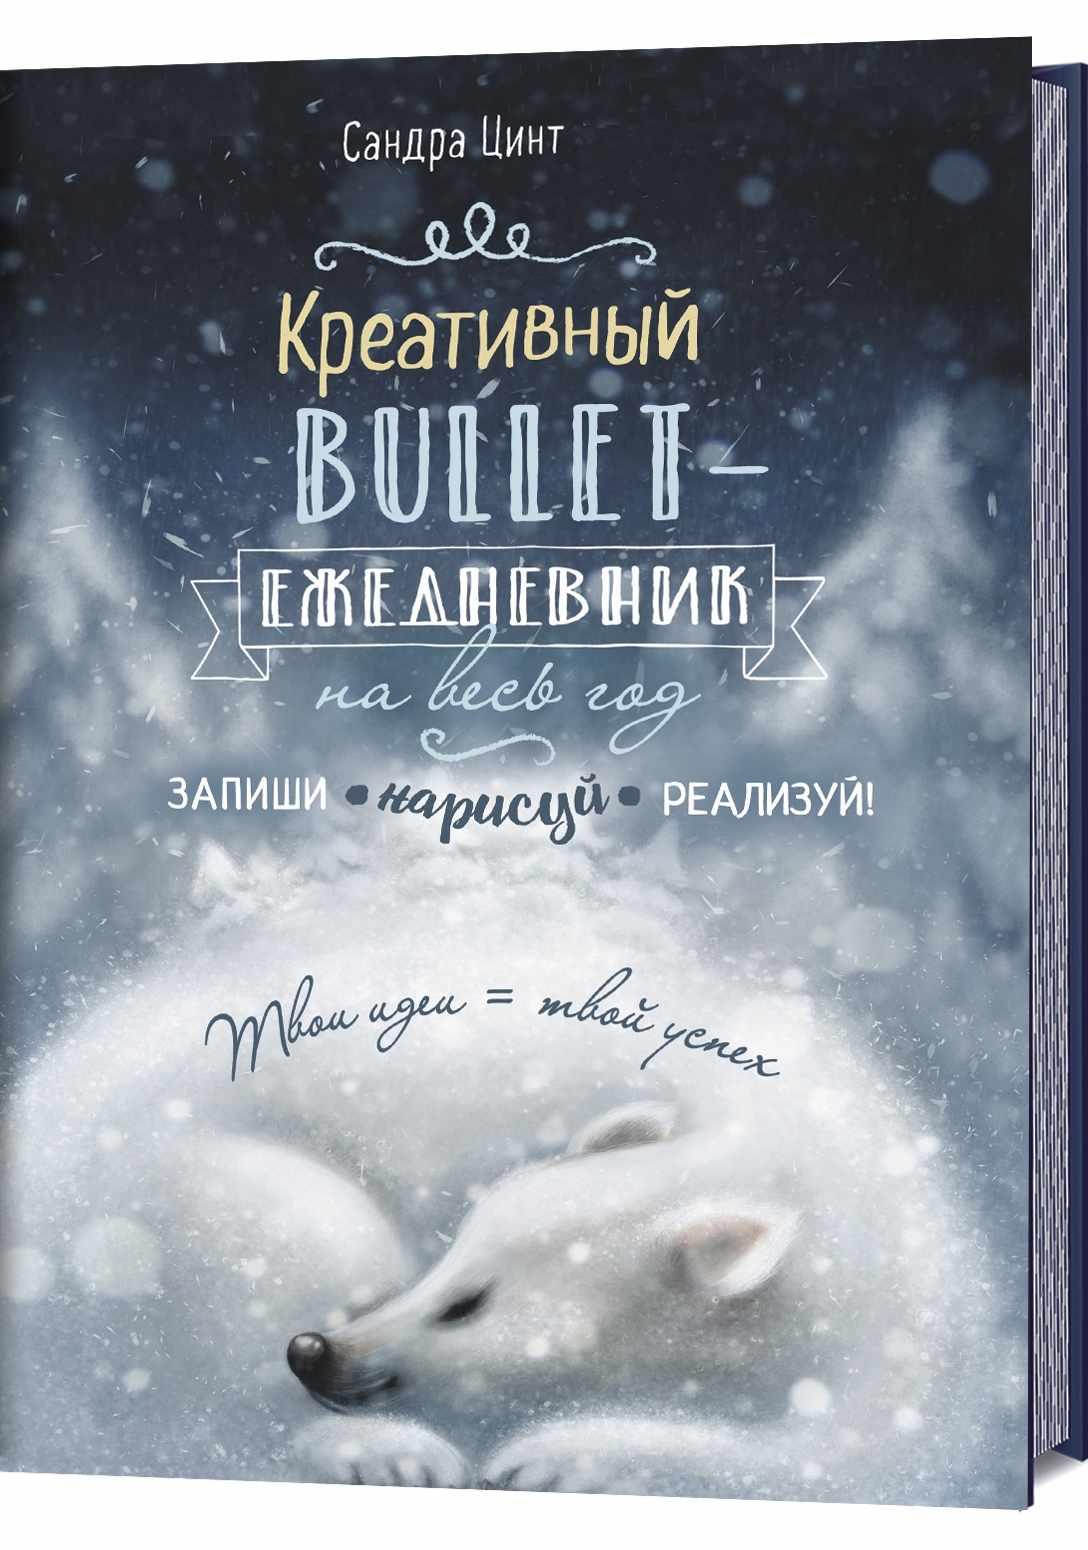 Креативный bullet-ежедневник. Темно-синий с медведем